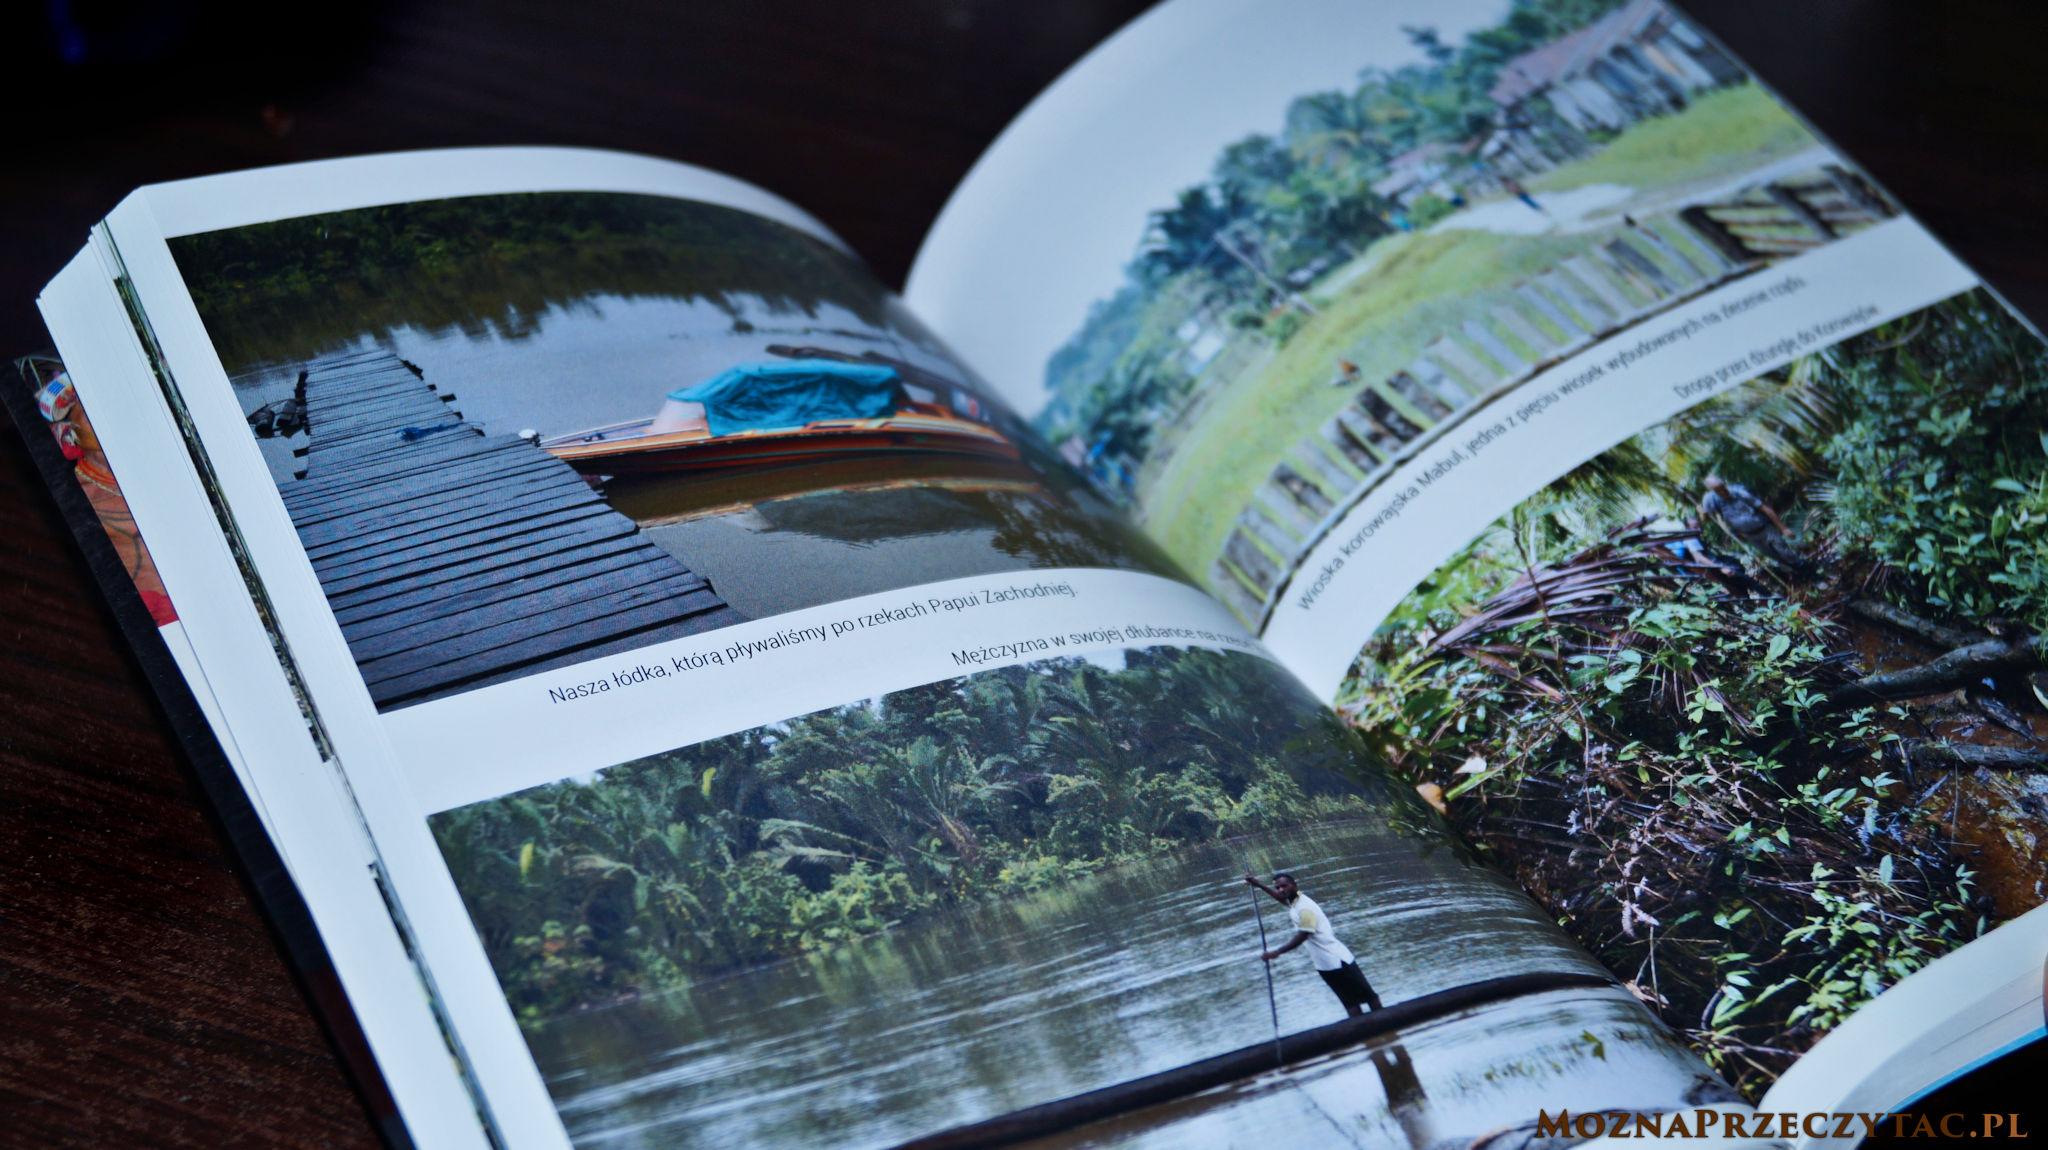 Indonezja. Ludożercy wczoraj i dziś - Alicja Kubiak, Jan Kurzela